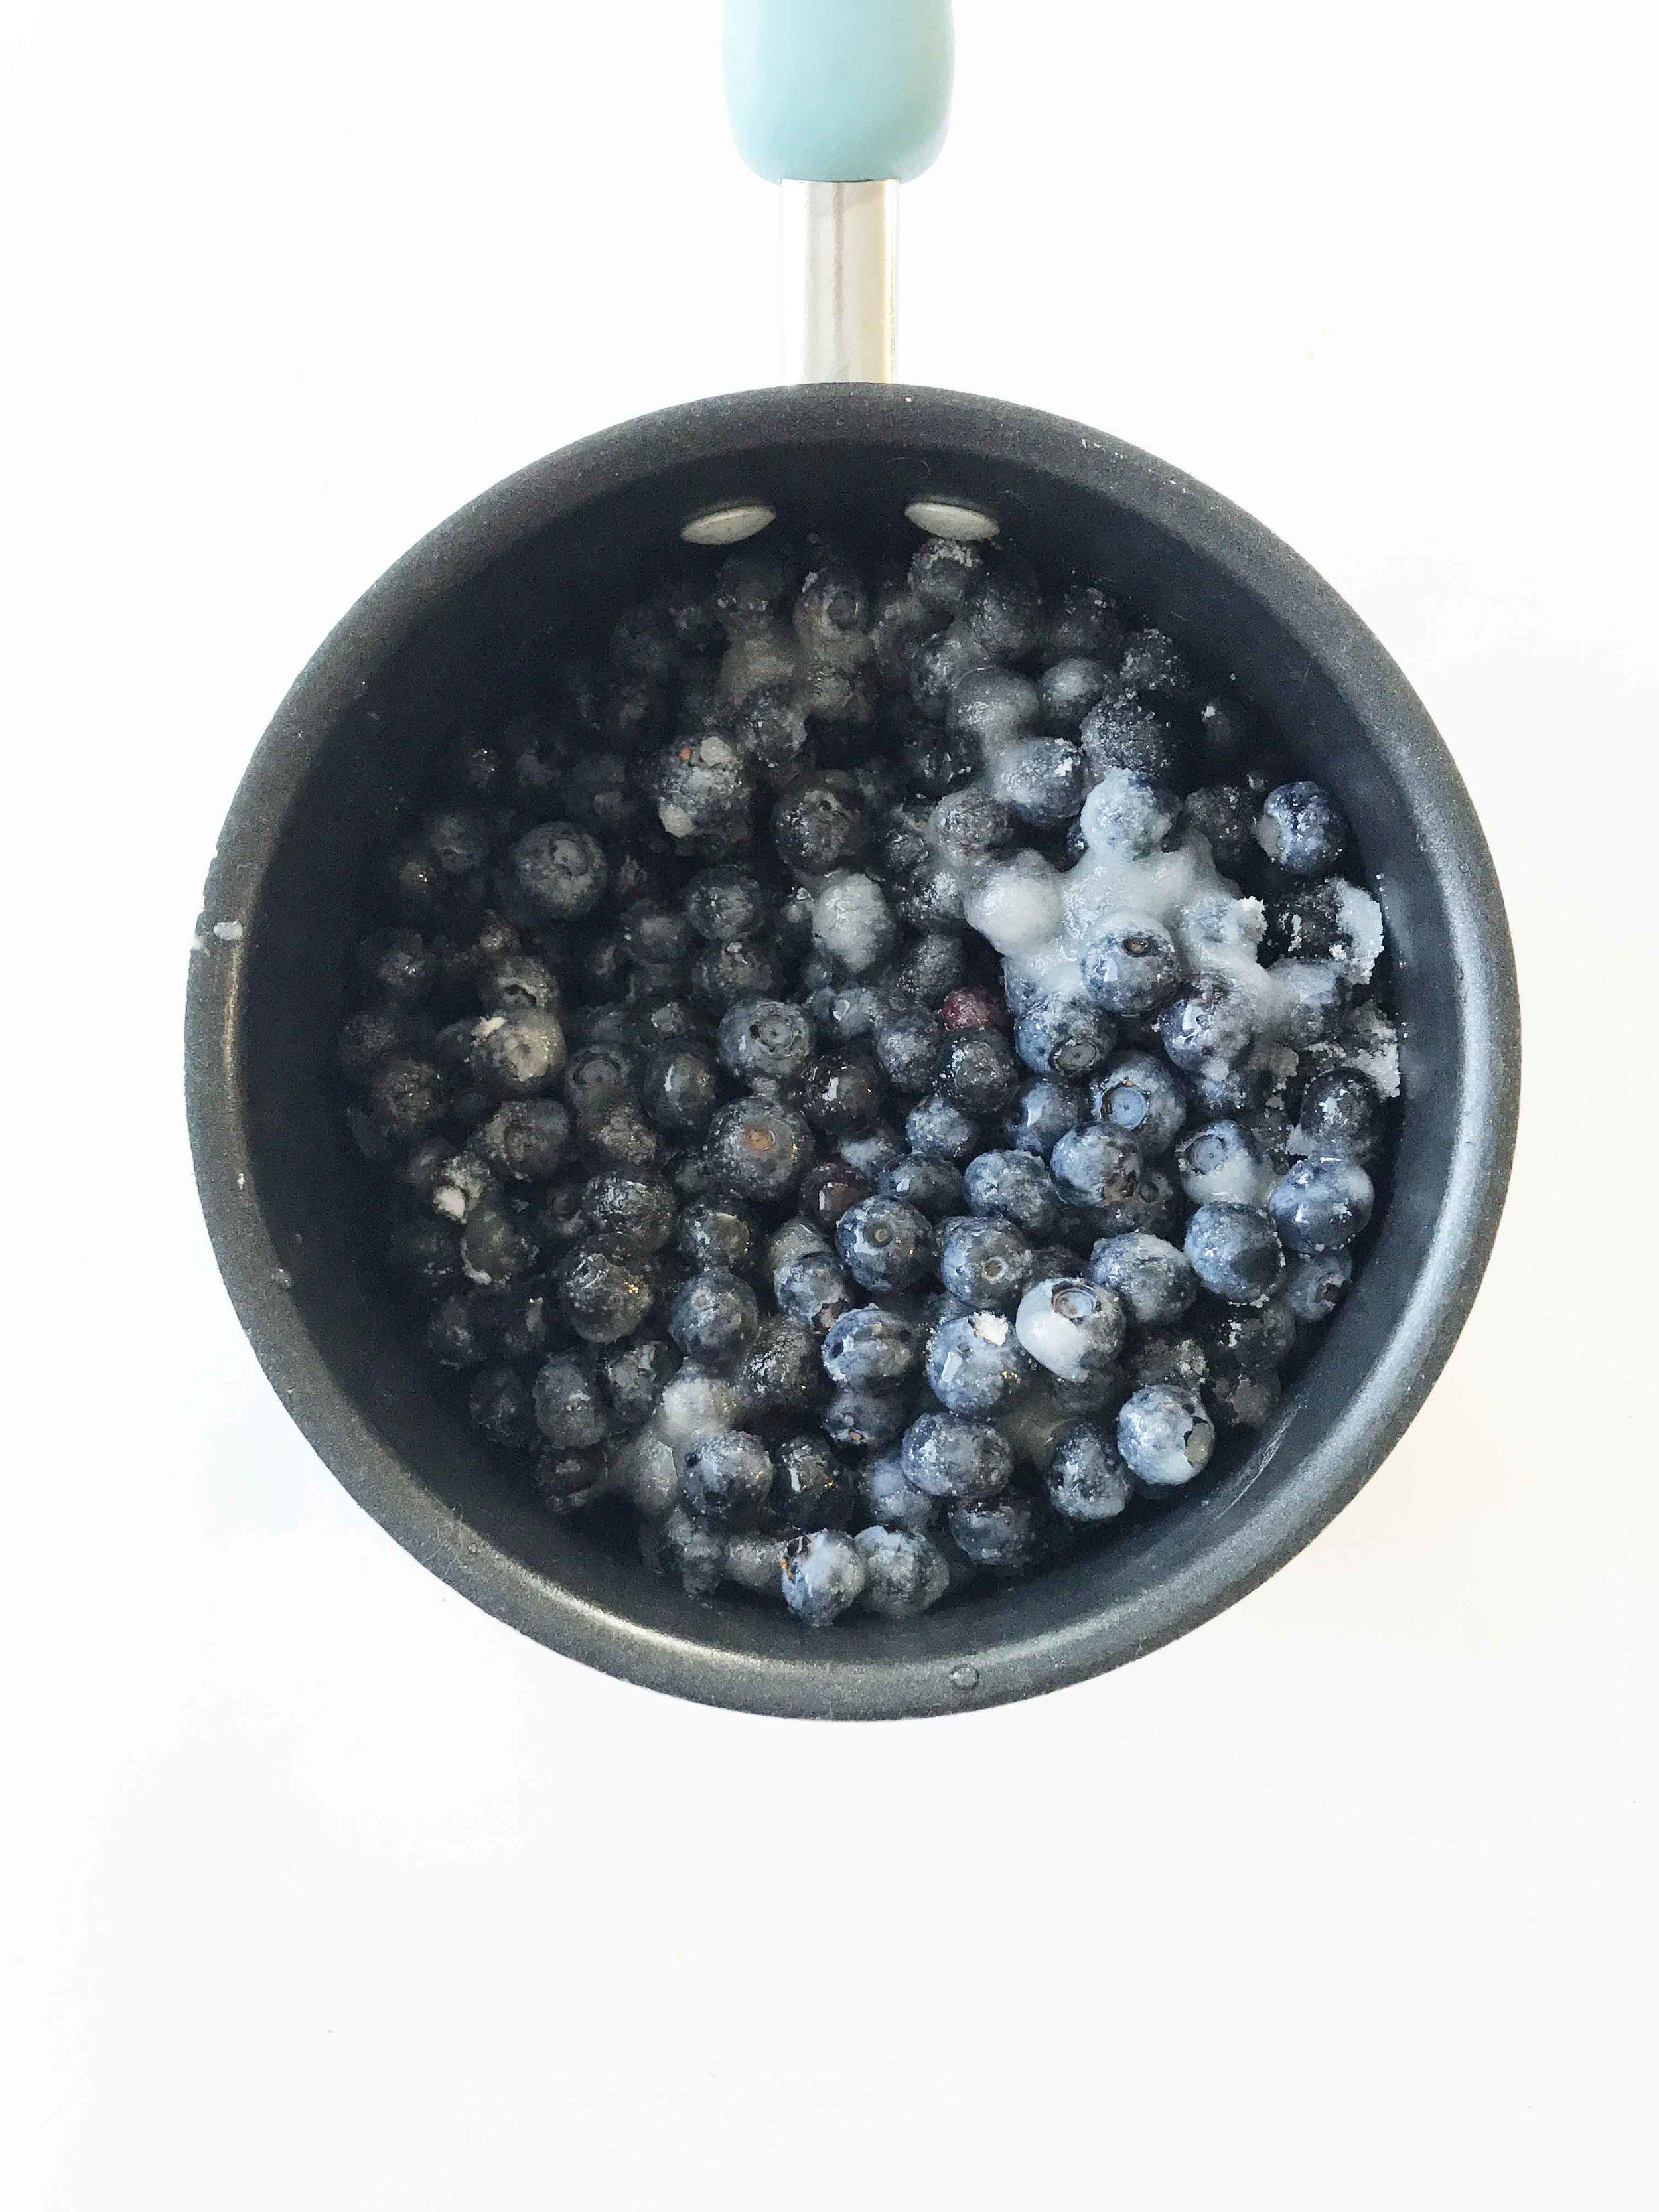 blueberry-cobbler3.jpg